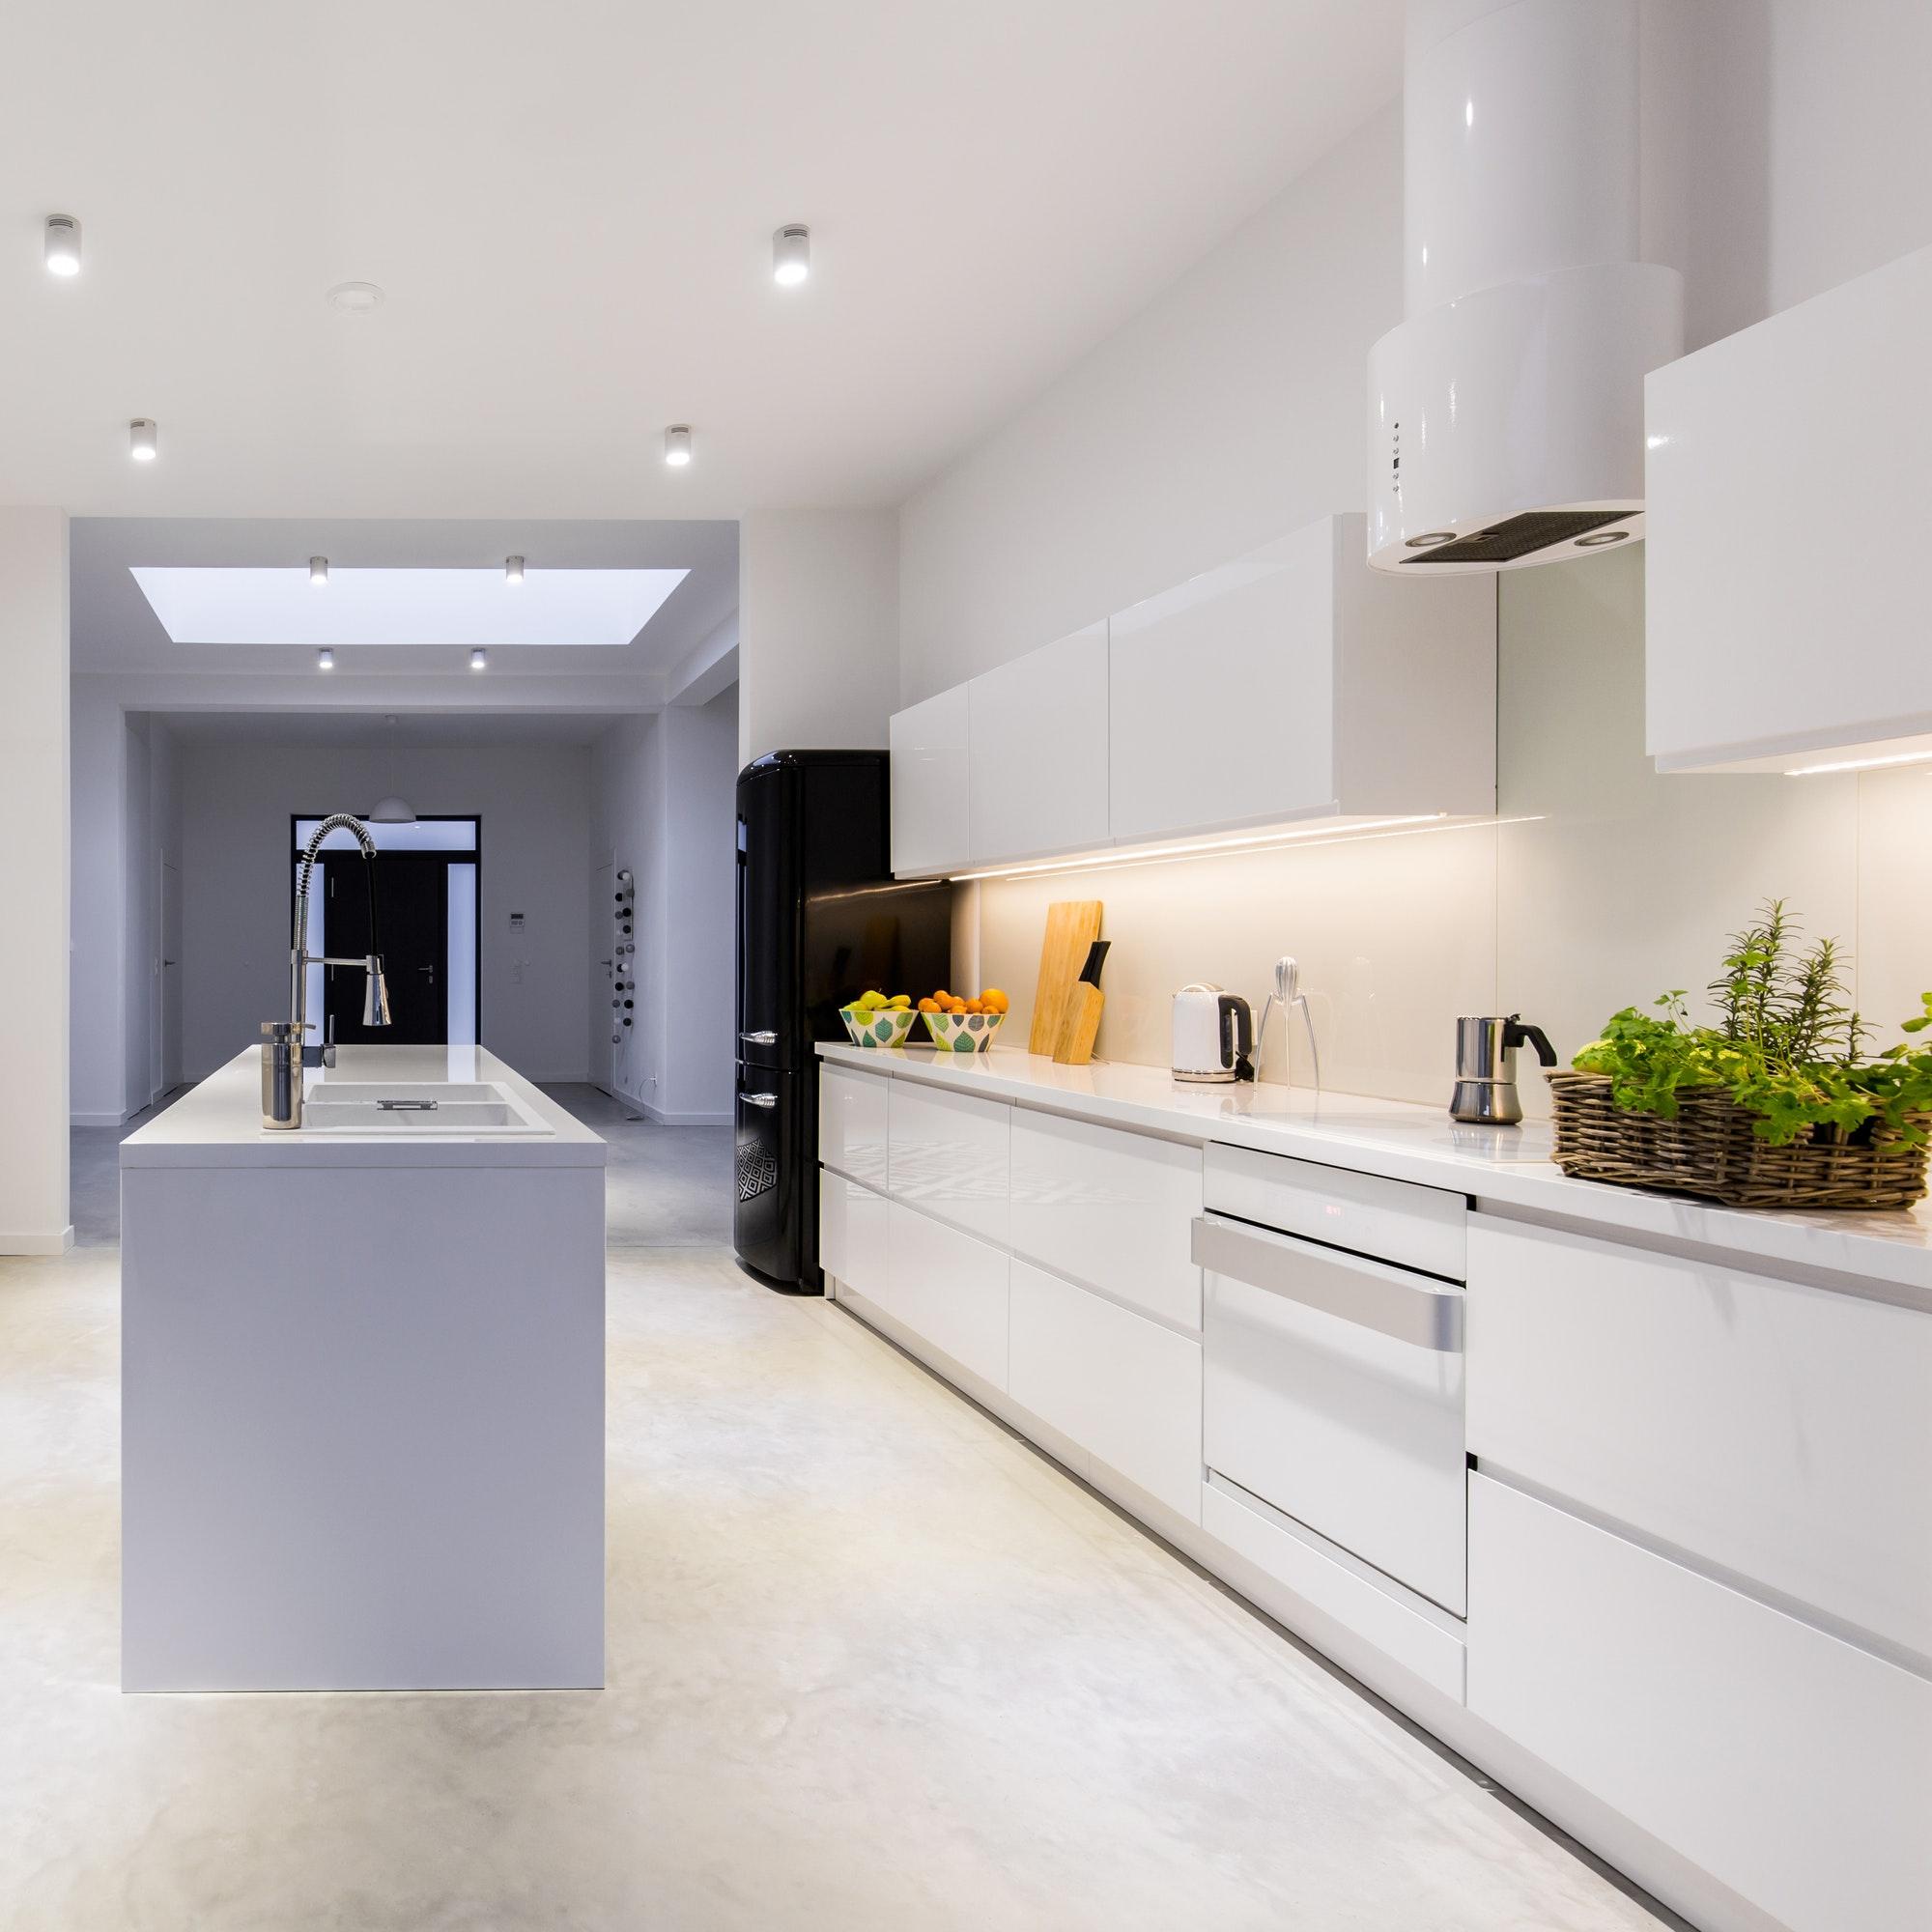 Bright kitchen with kitchen island